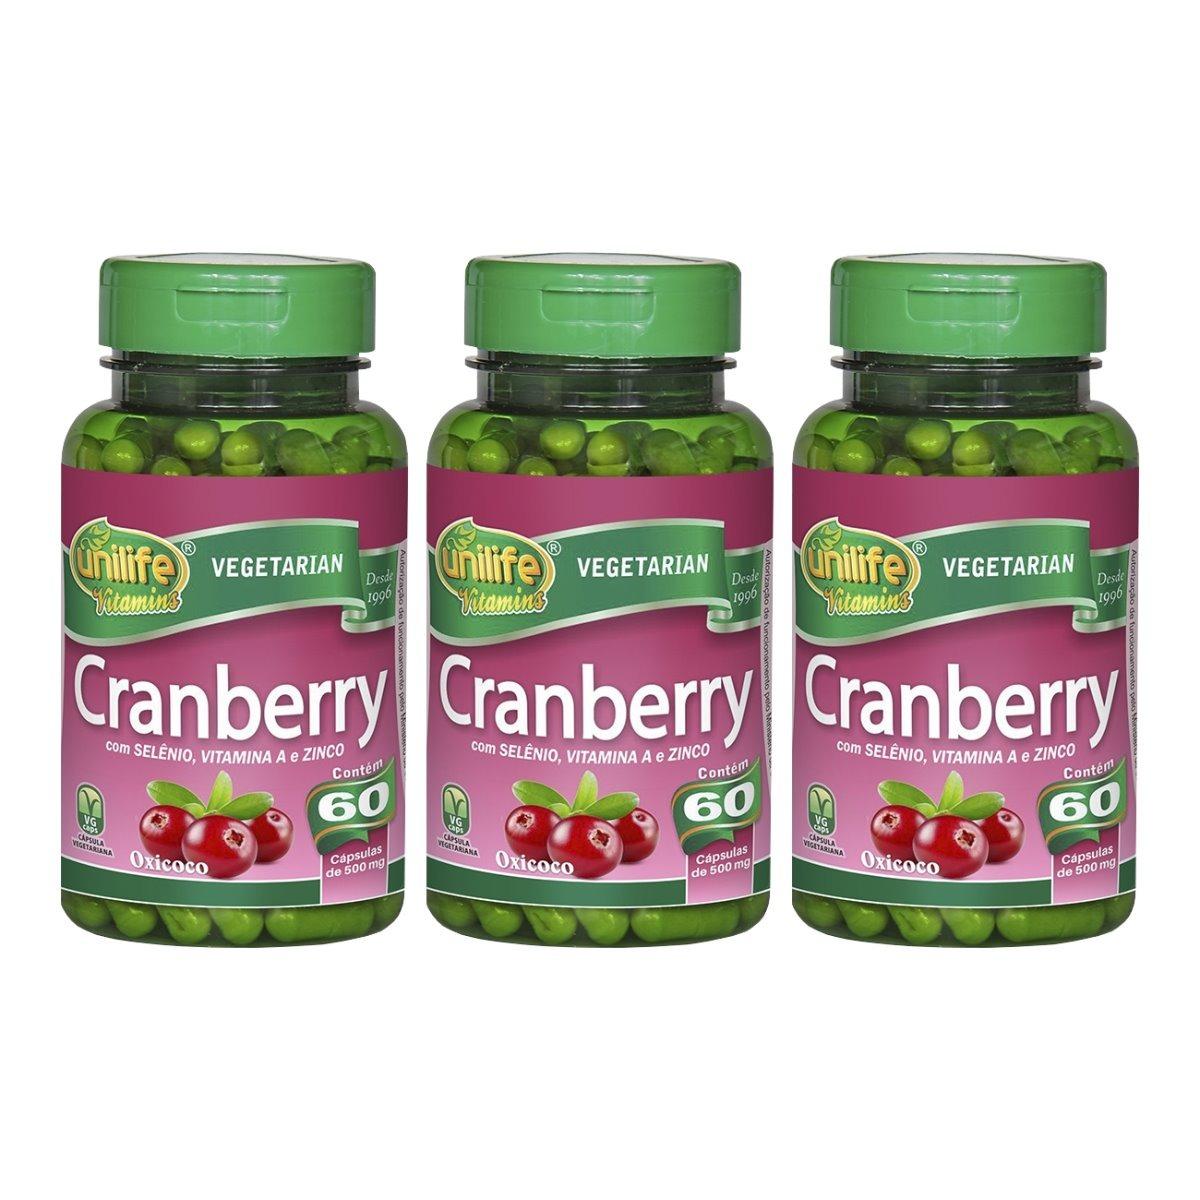 Cranberry 60 Cápsulas Unilife com Selênio Vitamina A e Zinco Kit 3 Unidades